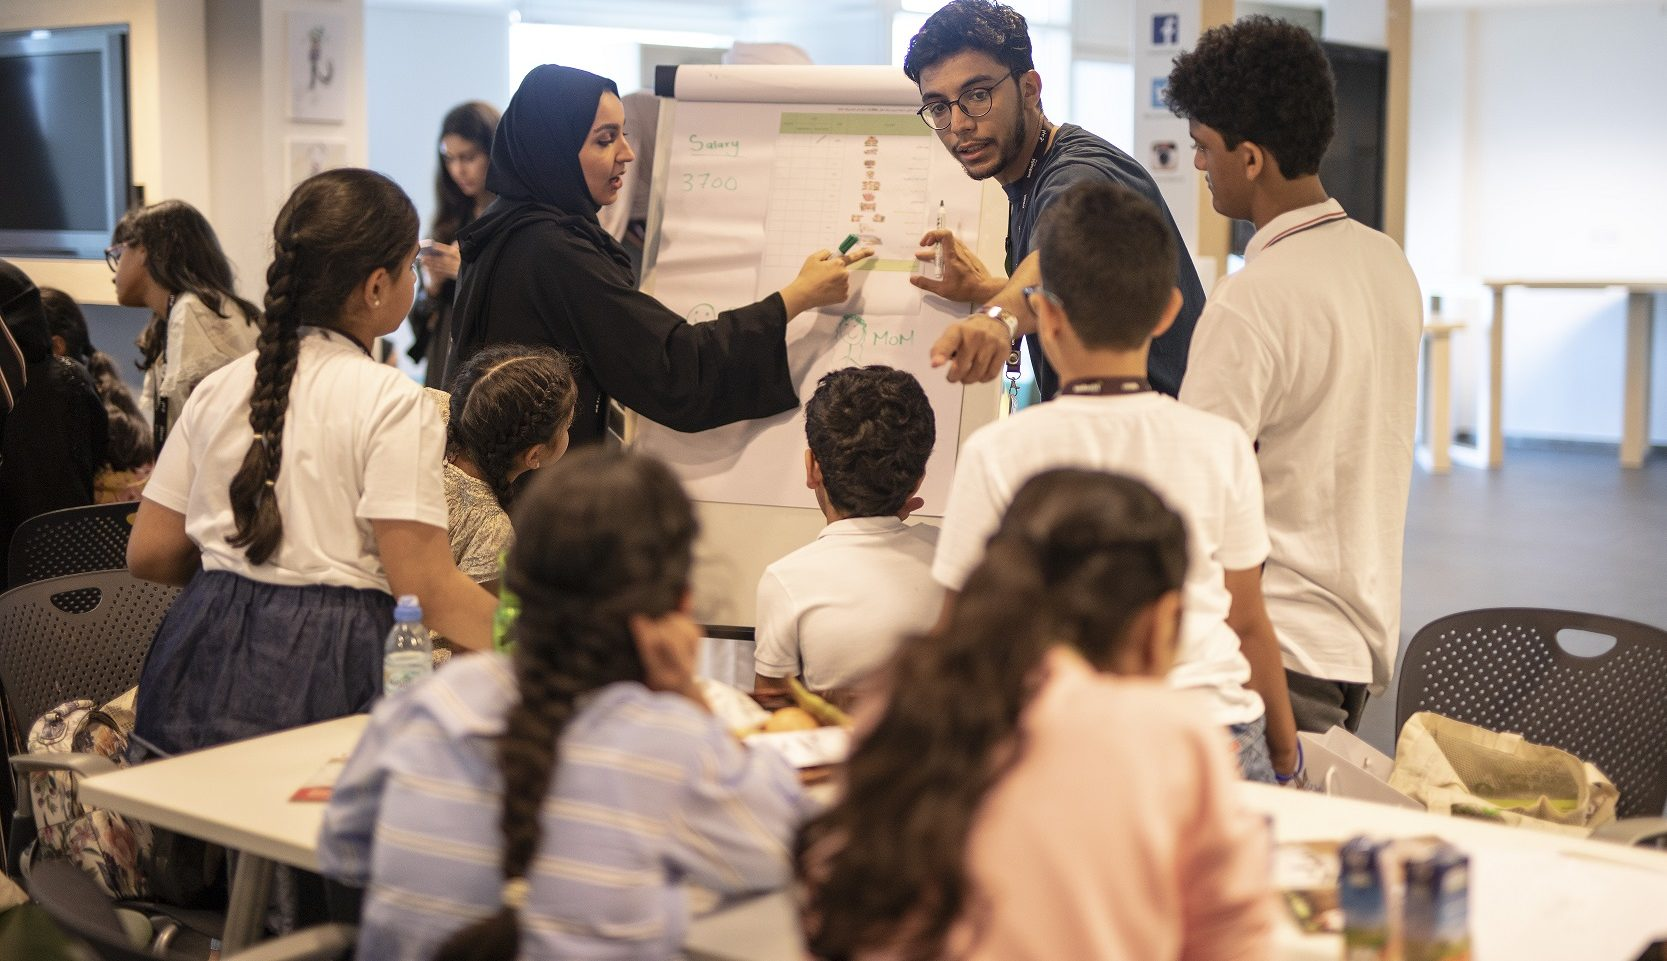 مخيم صيفي لأصحاب المهارات في الامارات